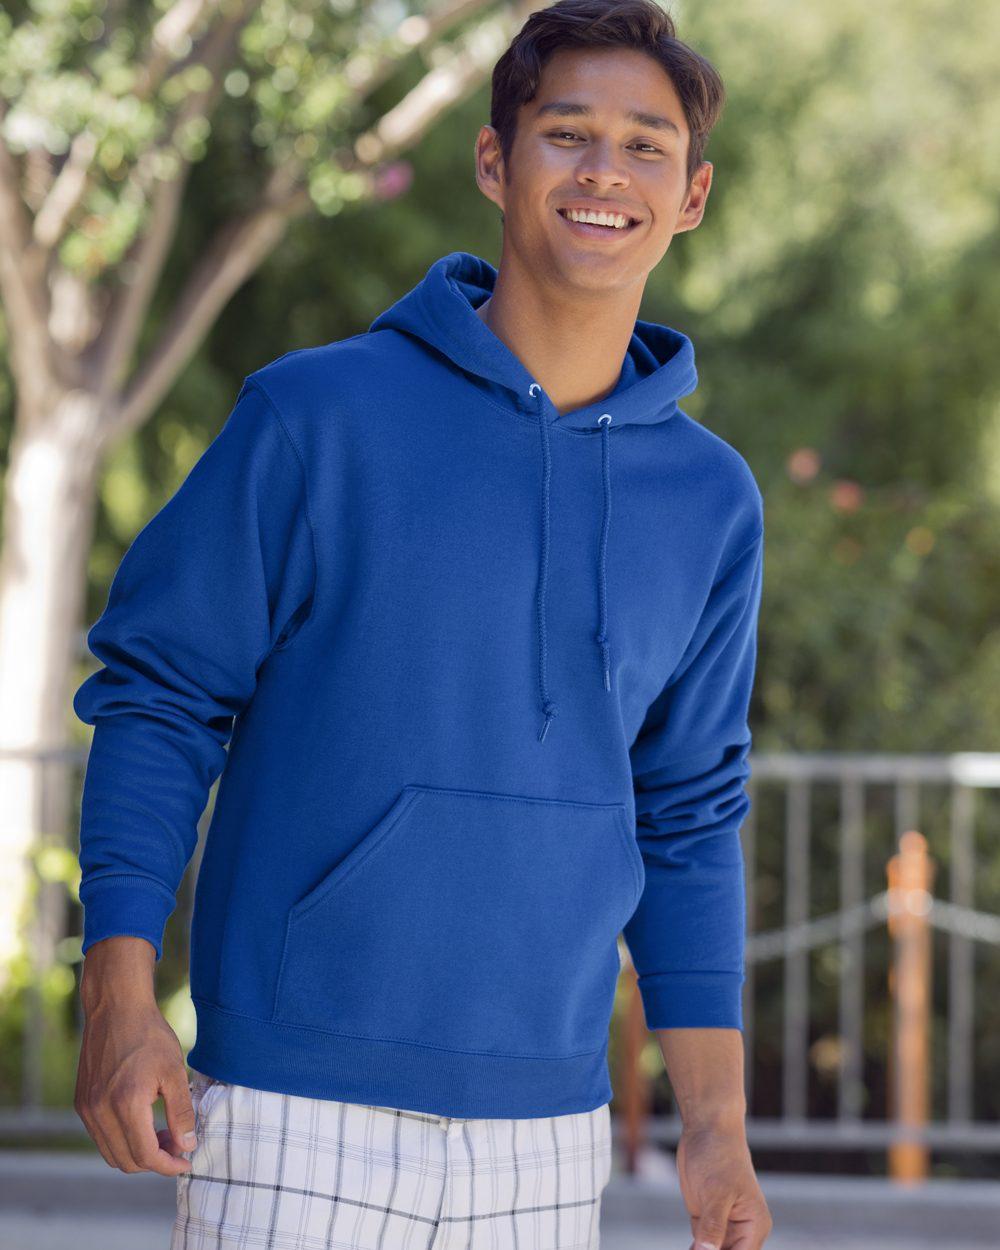 Fruit of the Loom 16130R Best 50/50 Hooded Sweatshirt